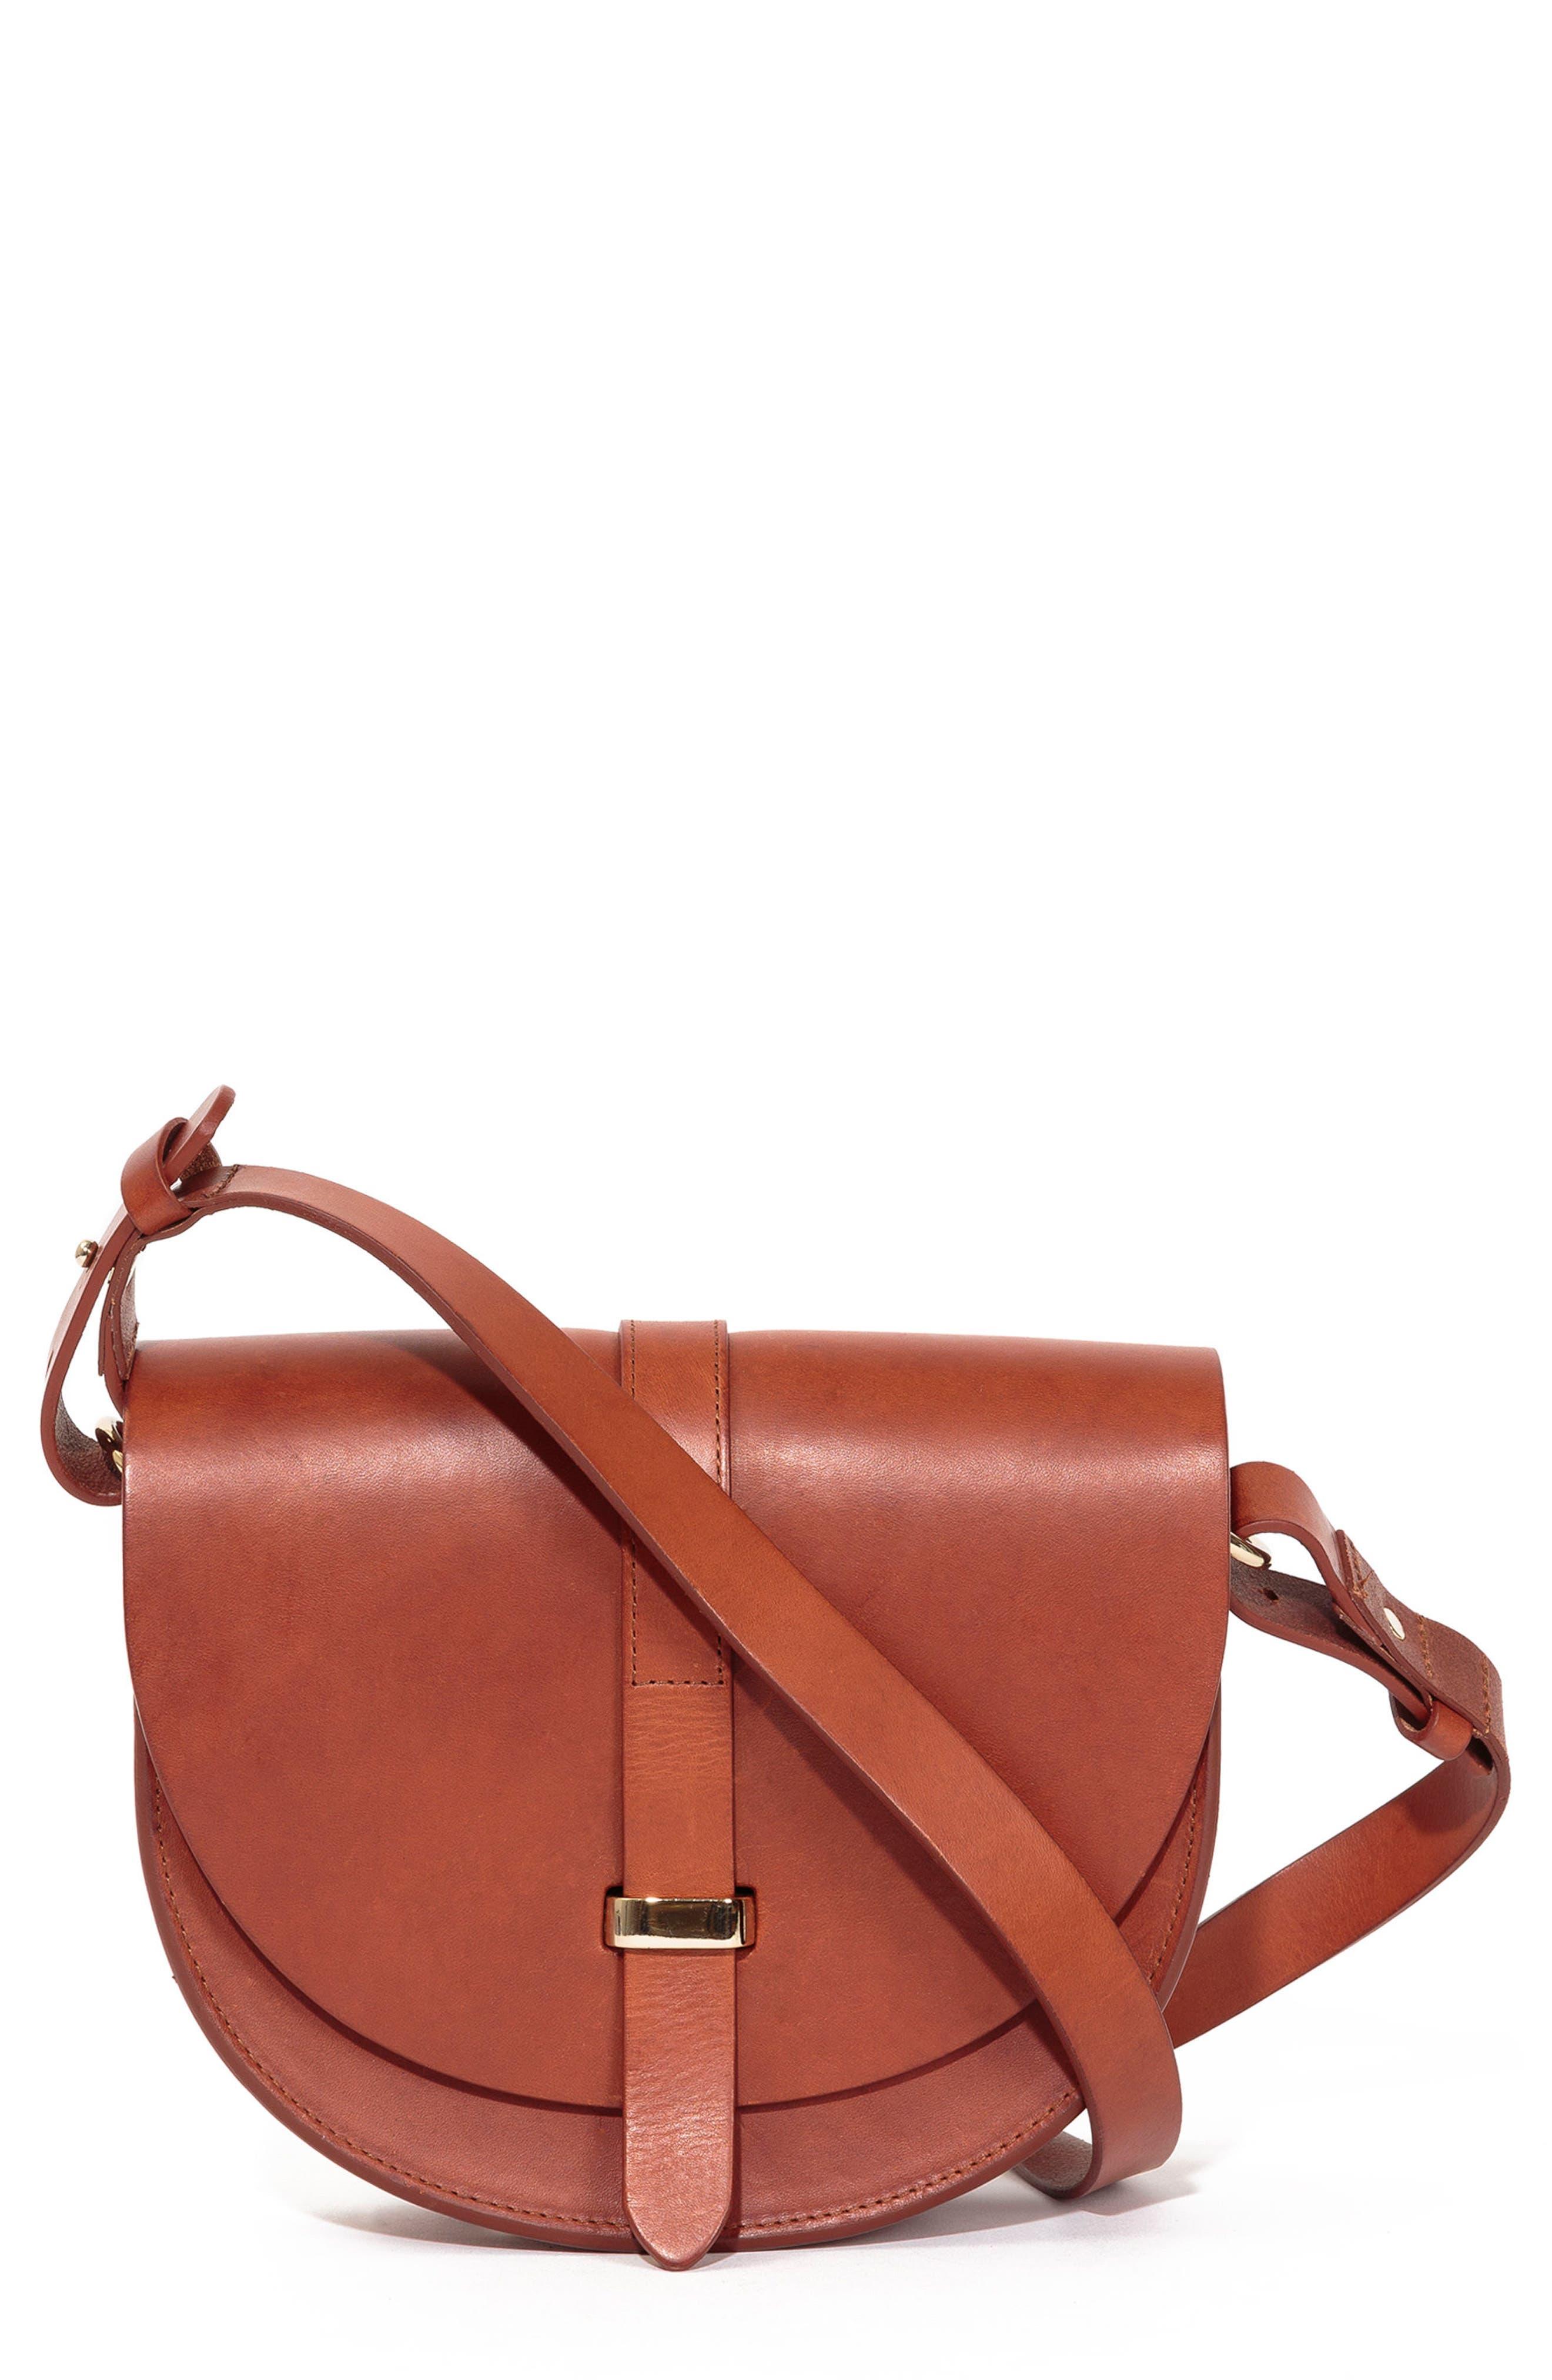 Claude Crossbody Bag,                             Main thumbnail 1, color,                             200